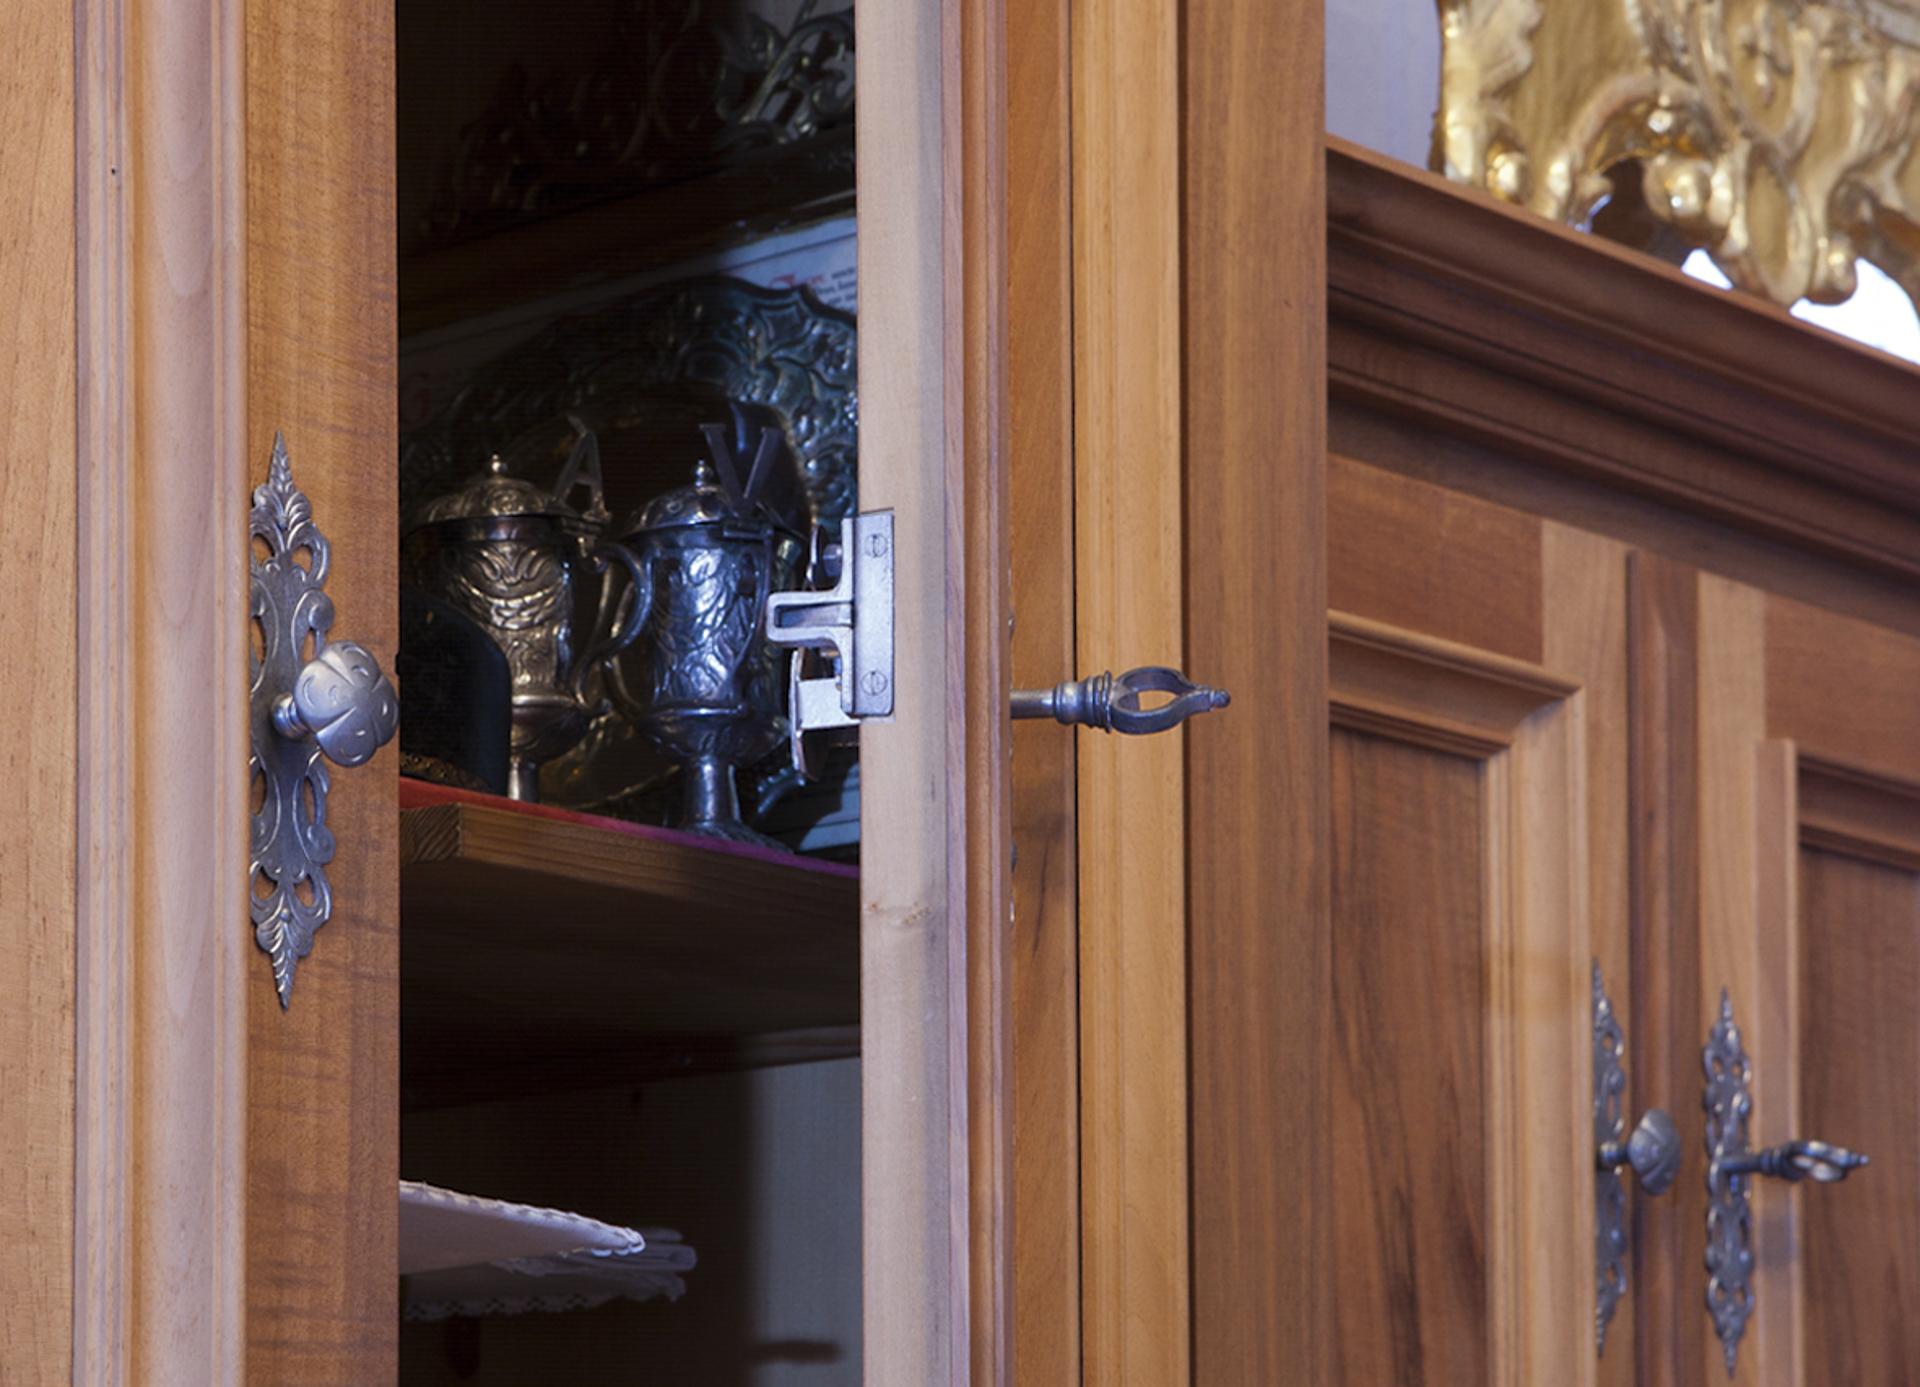 tischlerei-decker-basilika-mariathal-sakristei-detail-schrank